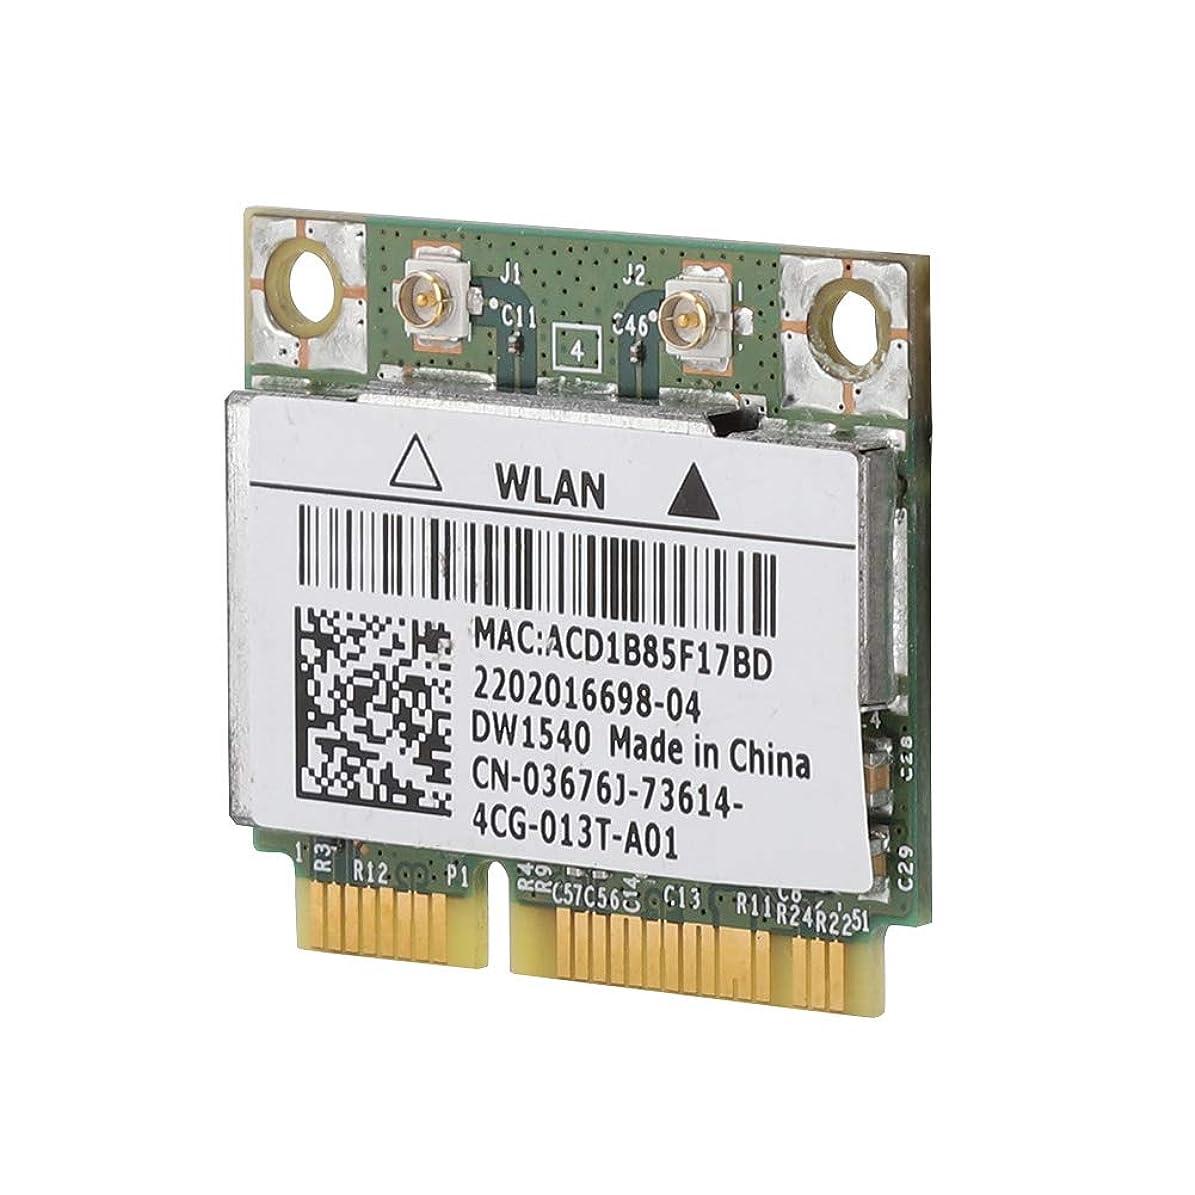 サーカス山積みの制約Wifiネットワークカード、PCI-e Wifiカードネットワークカード、コンピューターPC用の安定したパフォーマンスPCIEネットワークカード